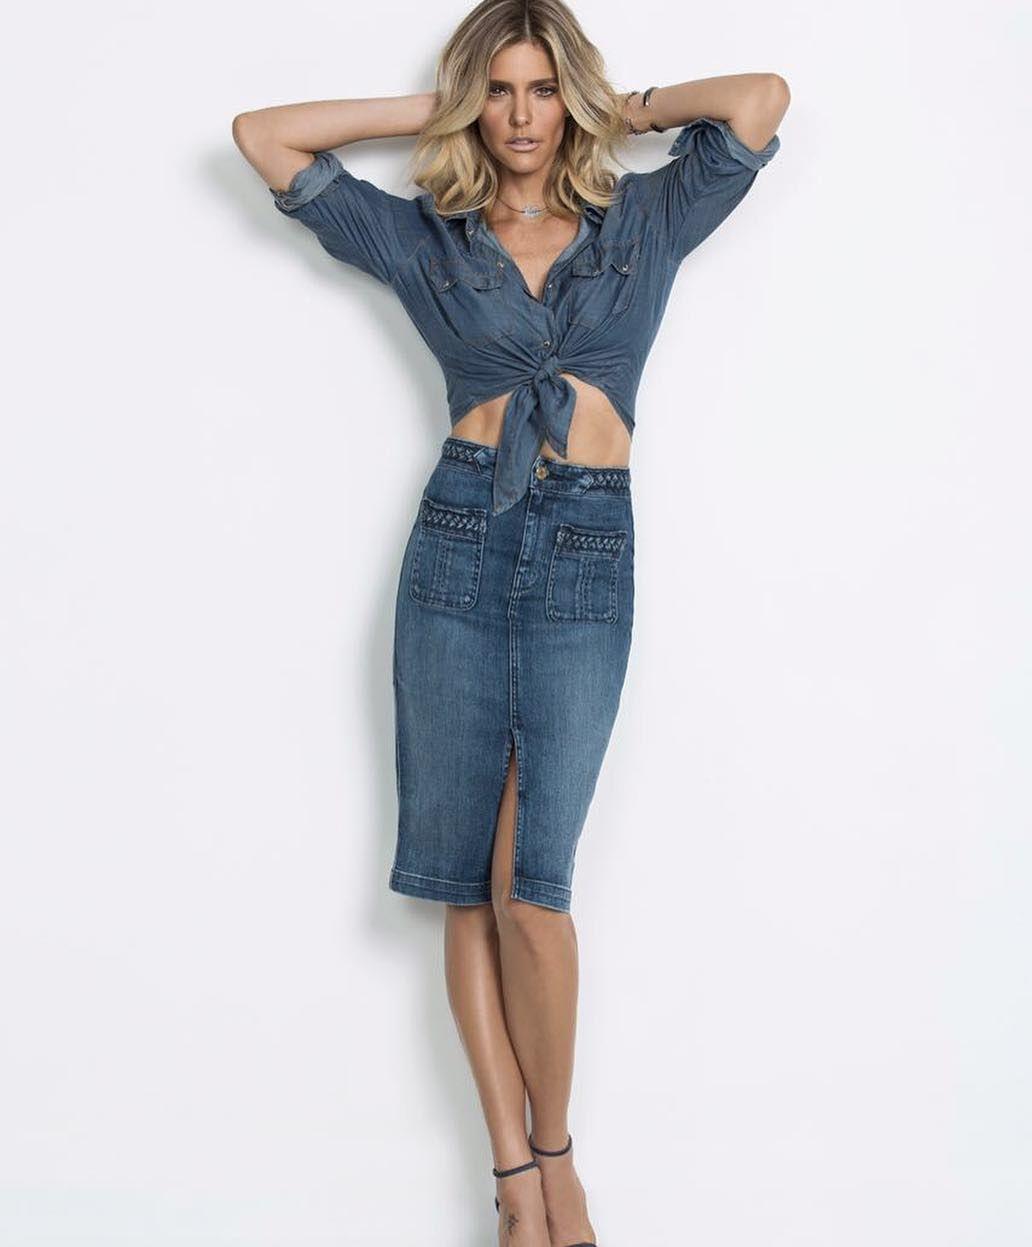 постеры джинсовой одежды склепах порой